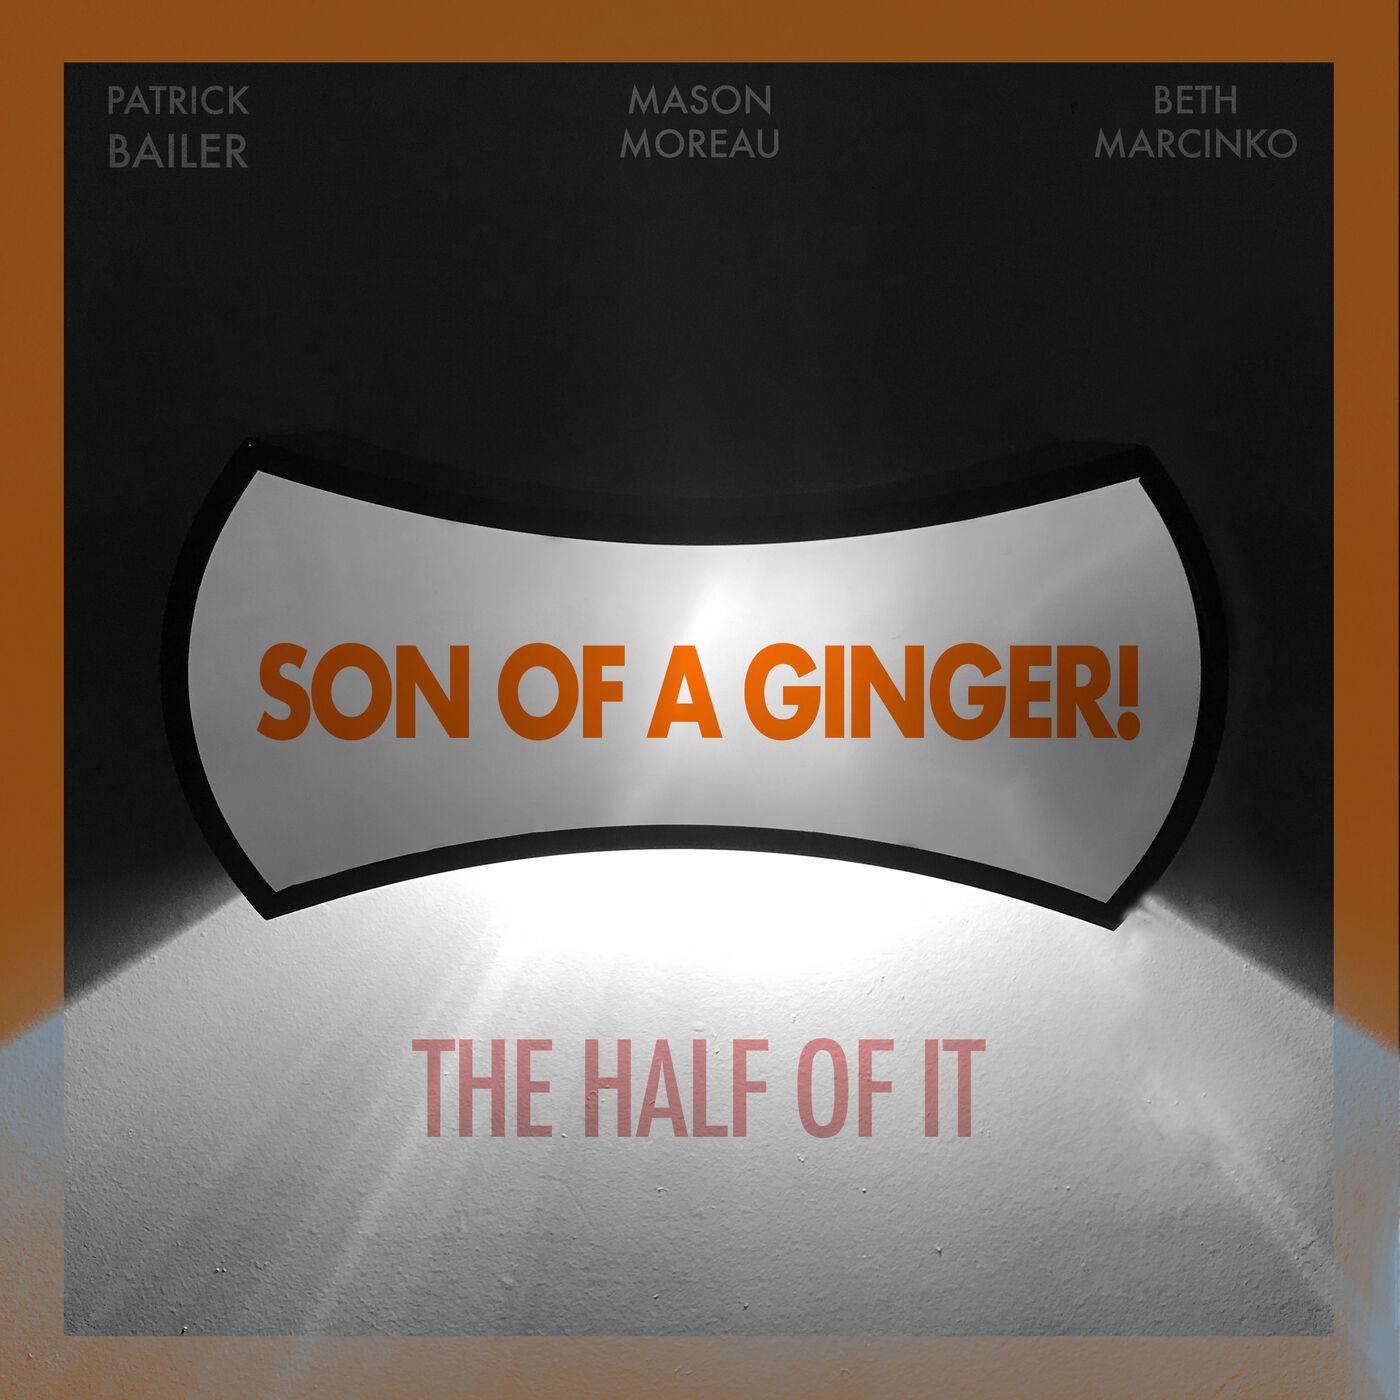 The Half of It (Written & Dir. by Alice Wu)